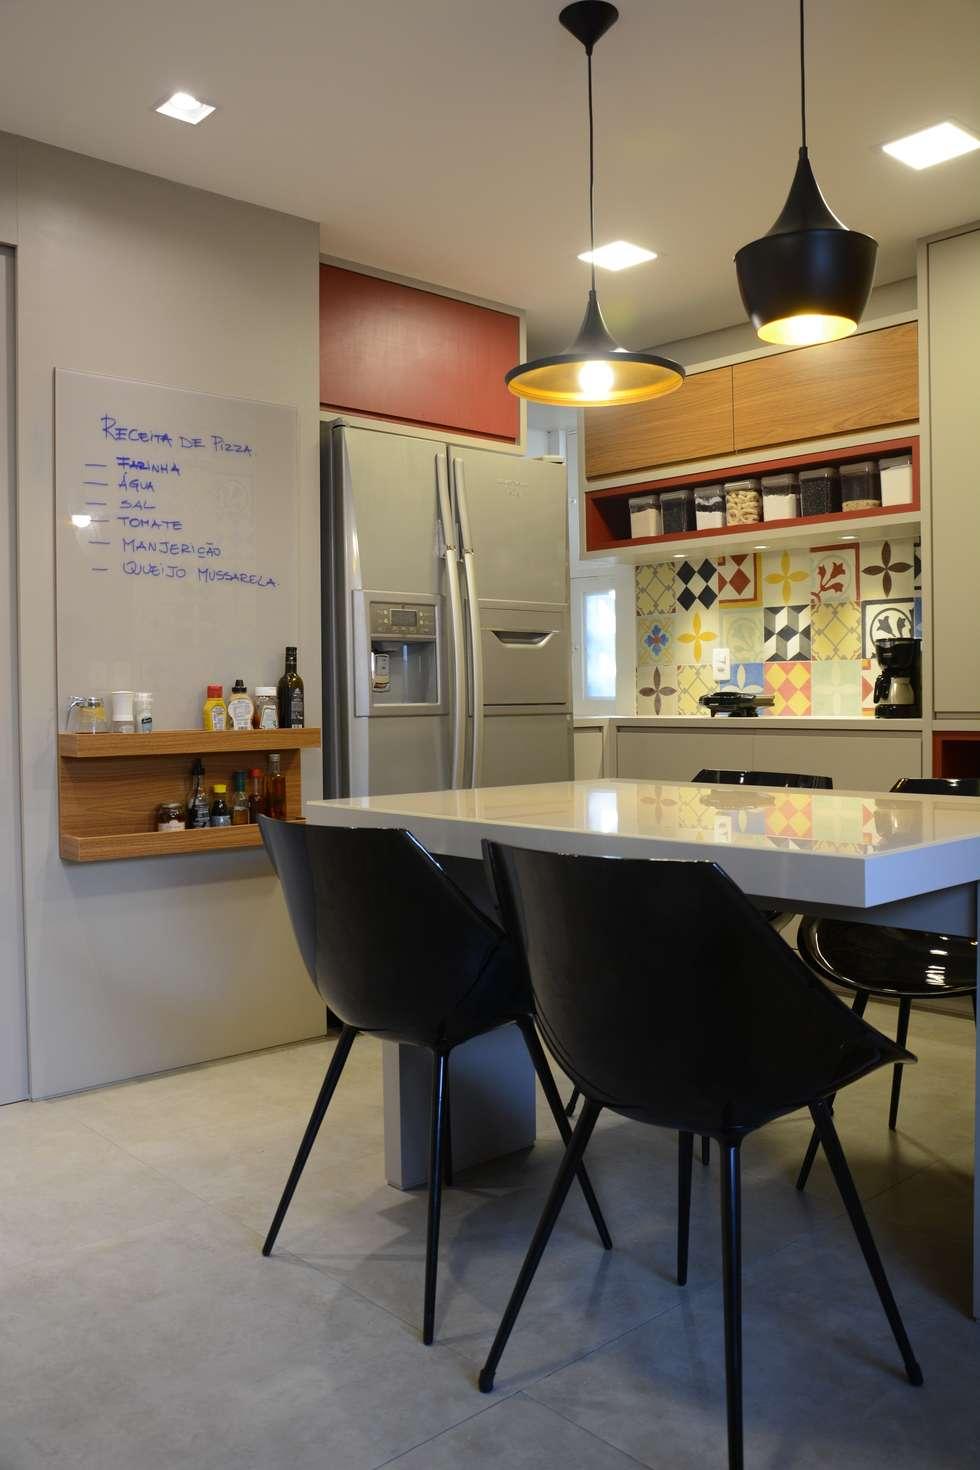 Roubamos Desse Projeto 5 Dicas Para Unir Copa E Cozinha Pequenas